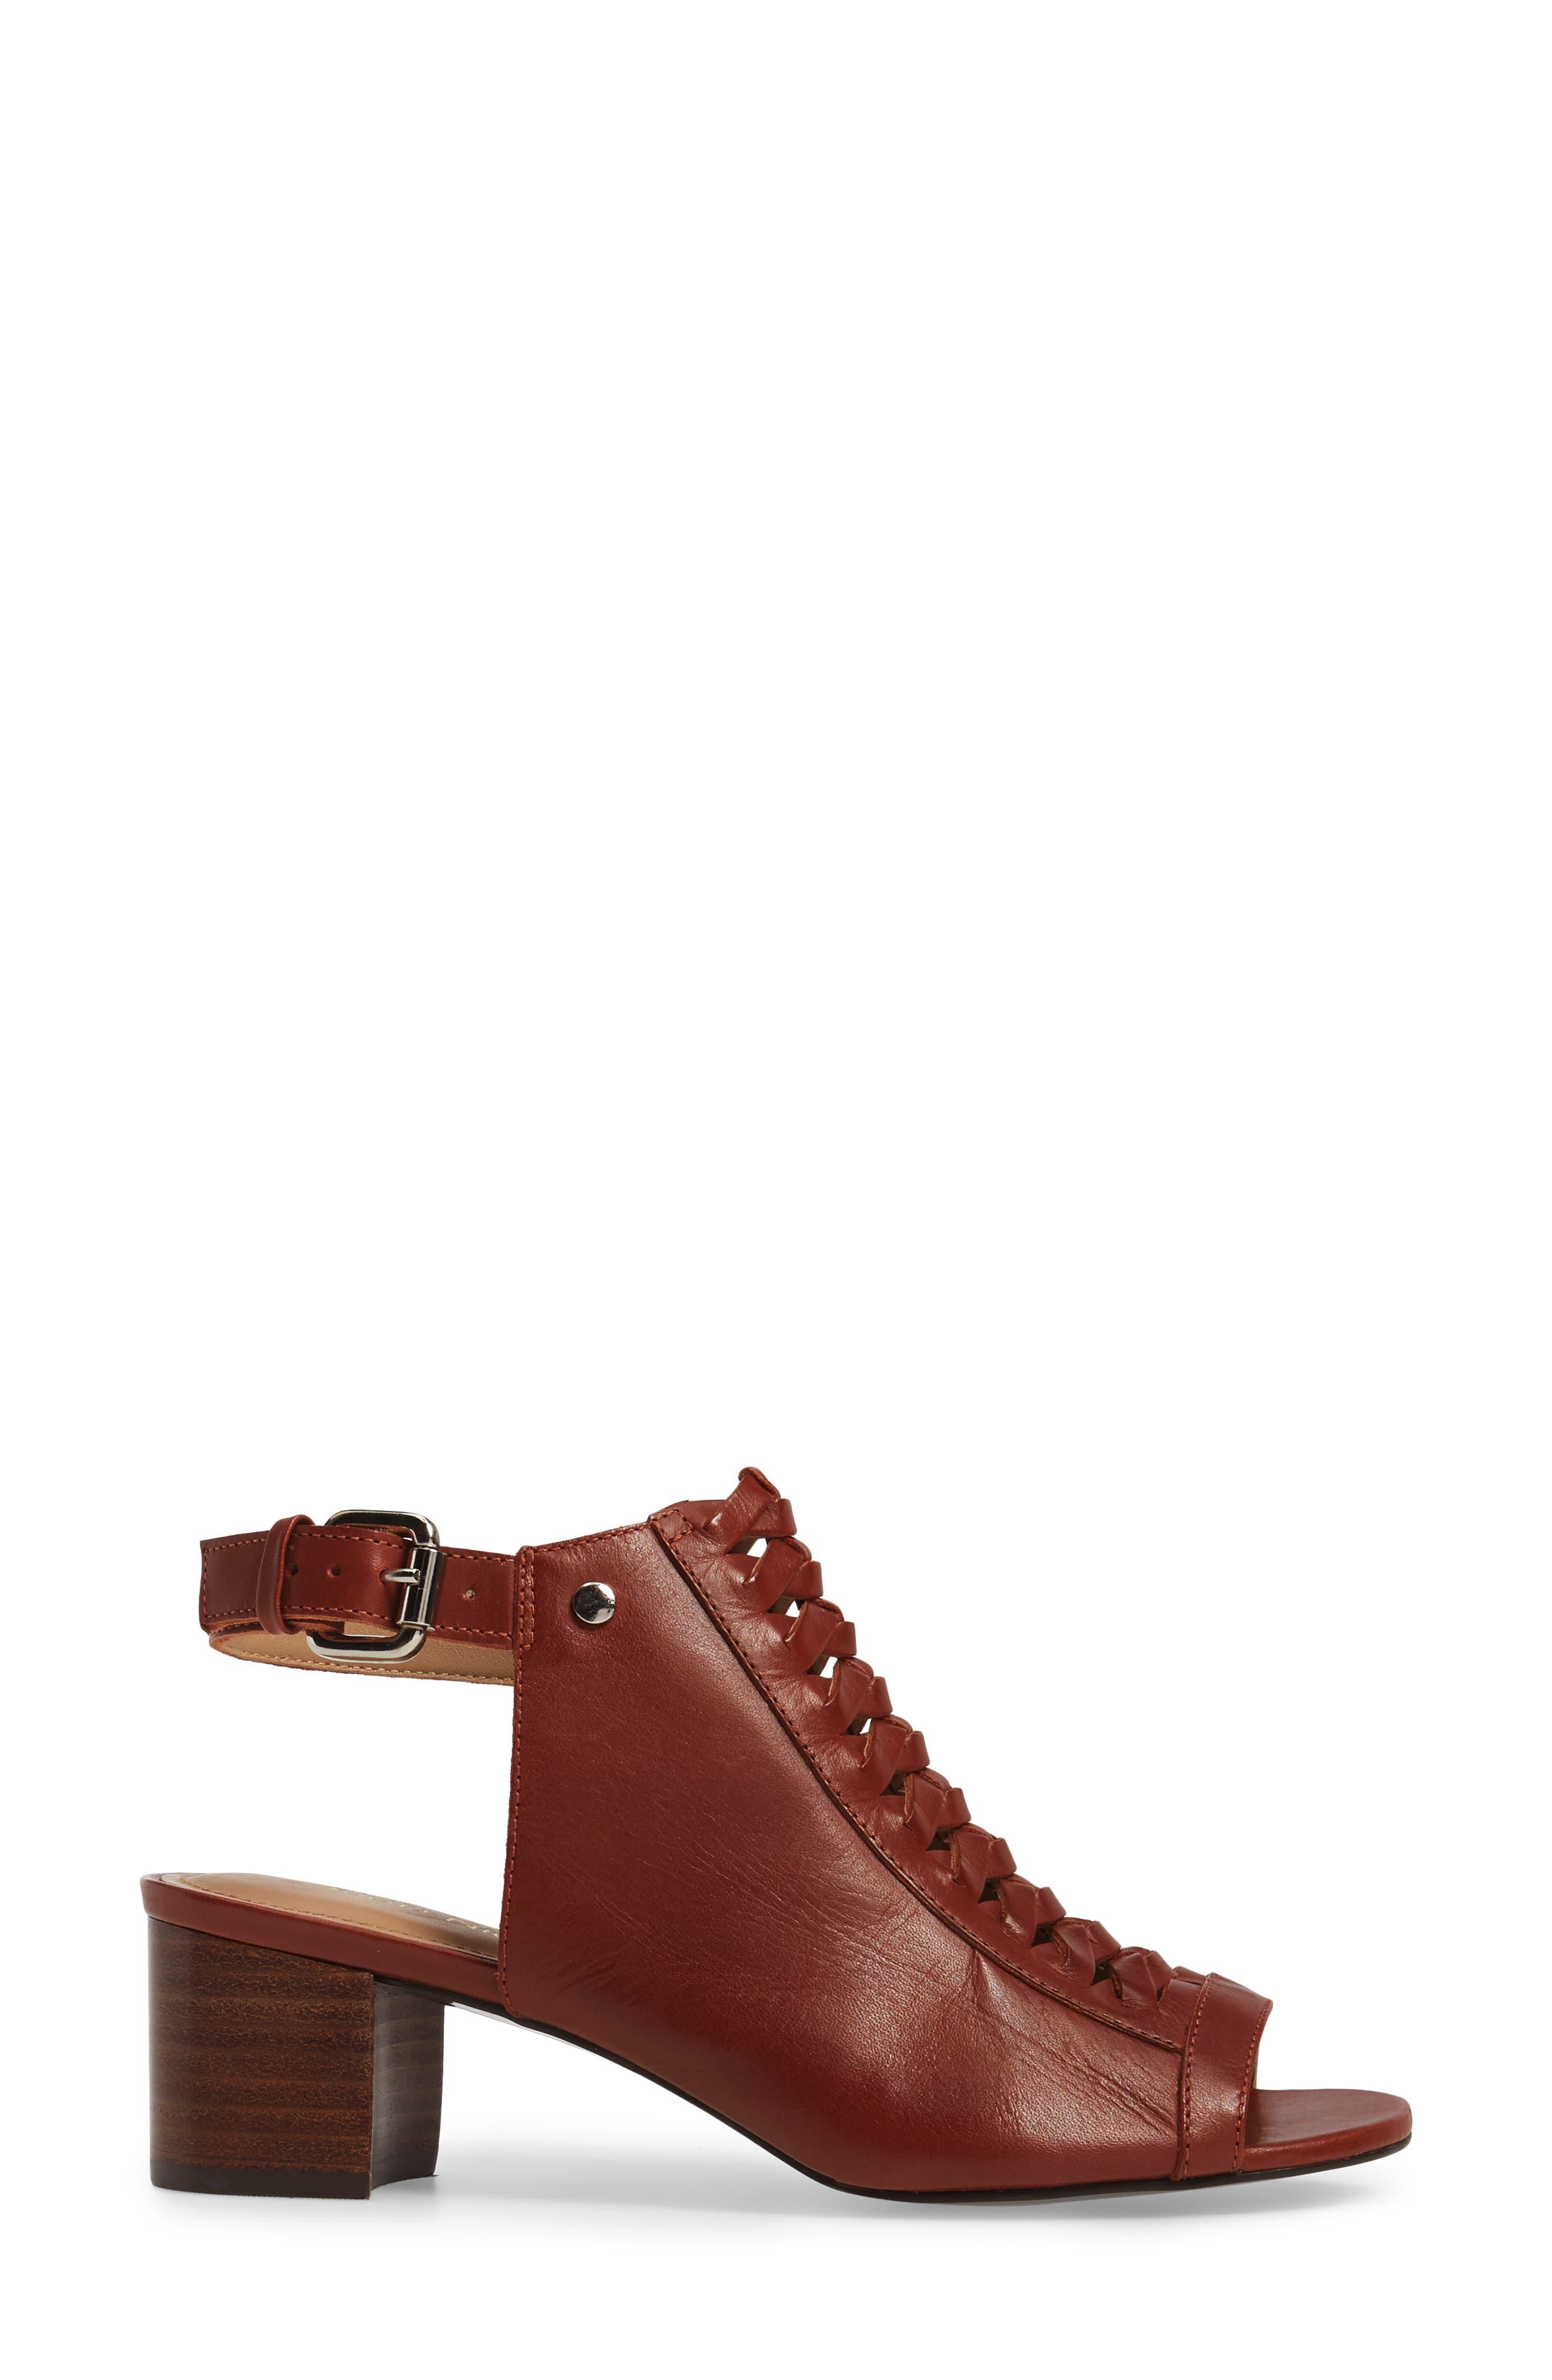 Dallas Woven Sandal,                             Alternate thumbnail 3, color,                             Cognac Leather